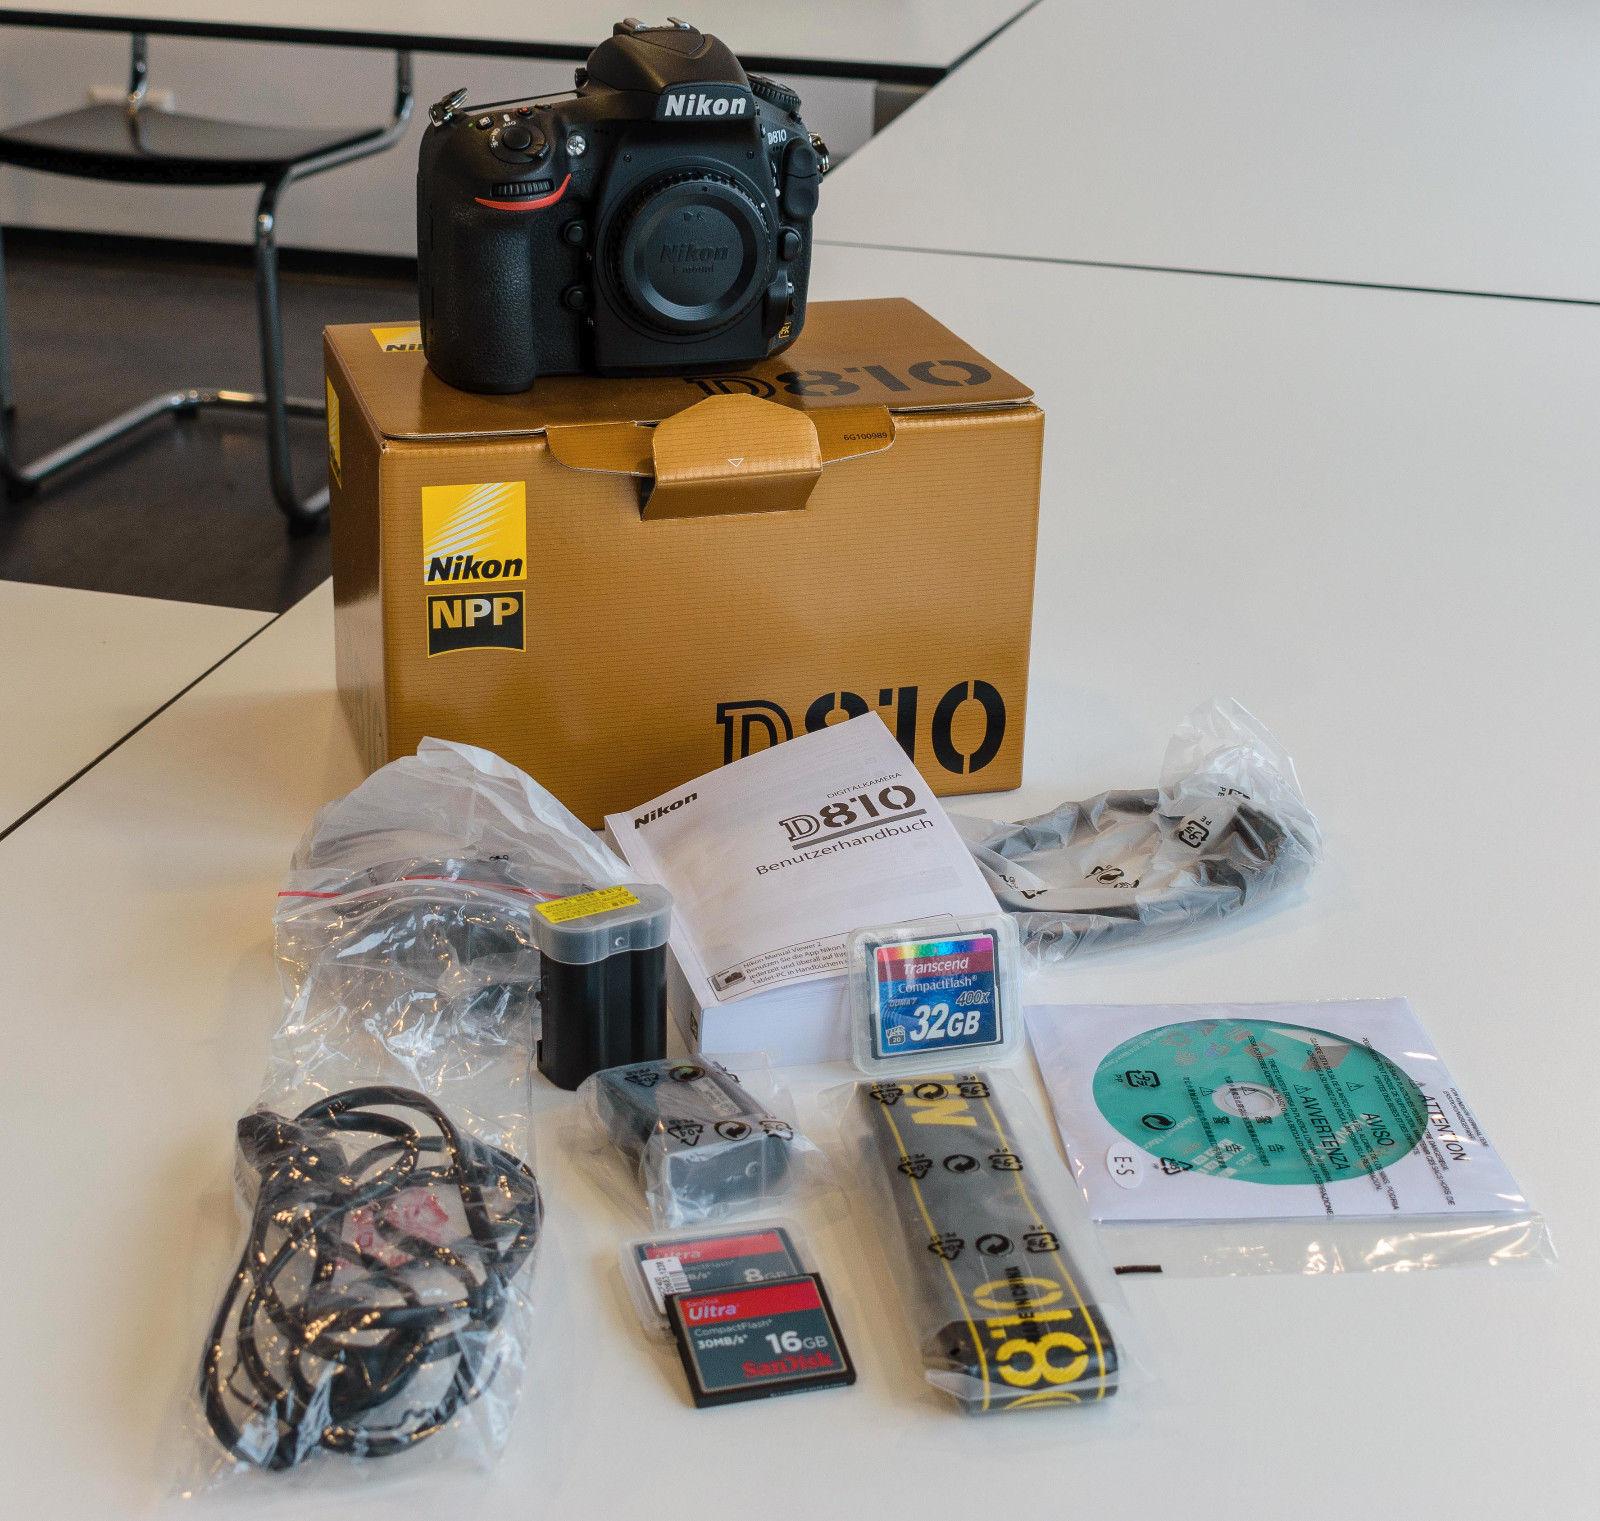 Nikon D810 36.3MP Digitalkamera - OVP, ca. 8330 Auslösungen